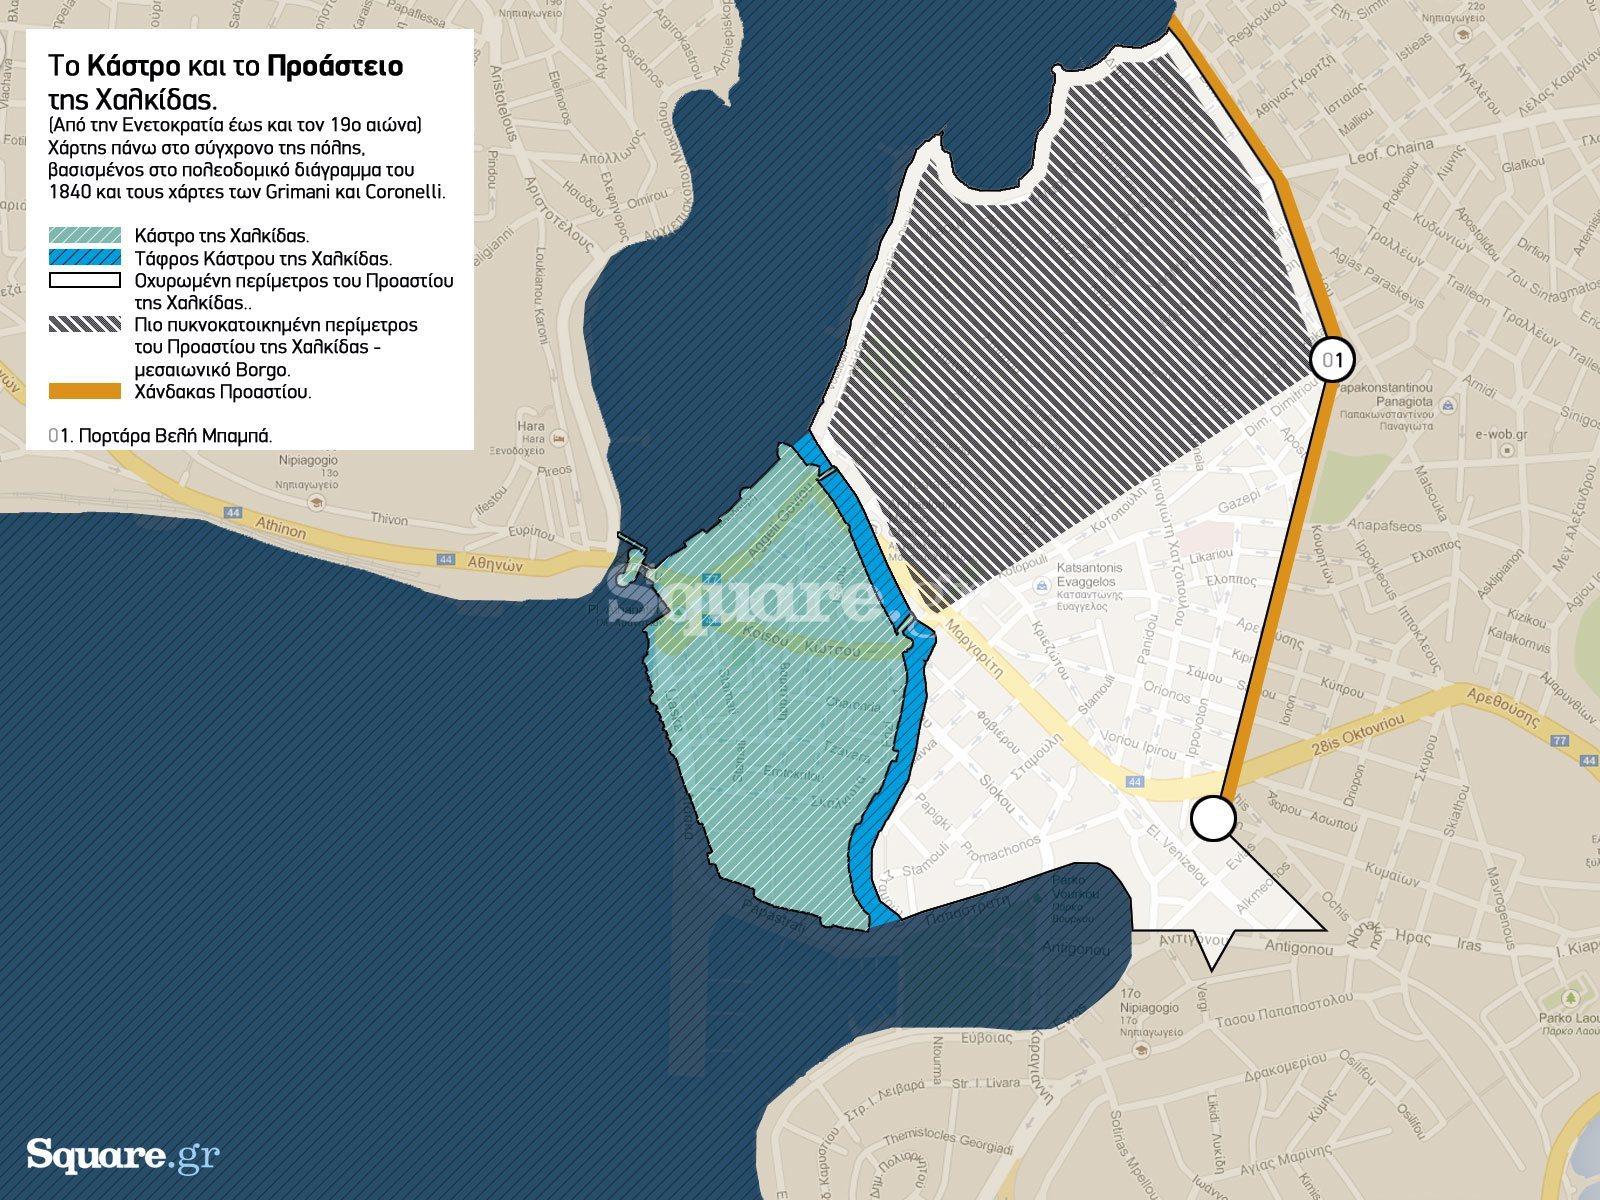 1-Χάρτης-Χαλκίδας-και-προάστιου-με-πολεοδομικό-σχέδιο-του-1840